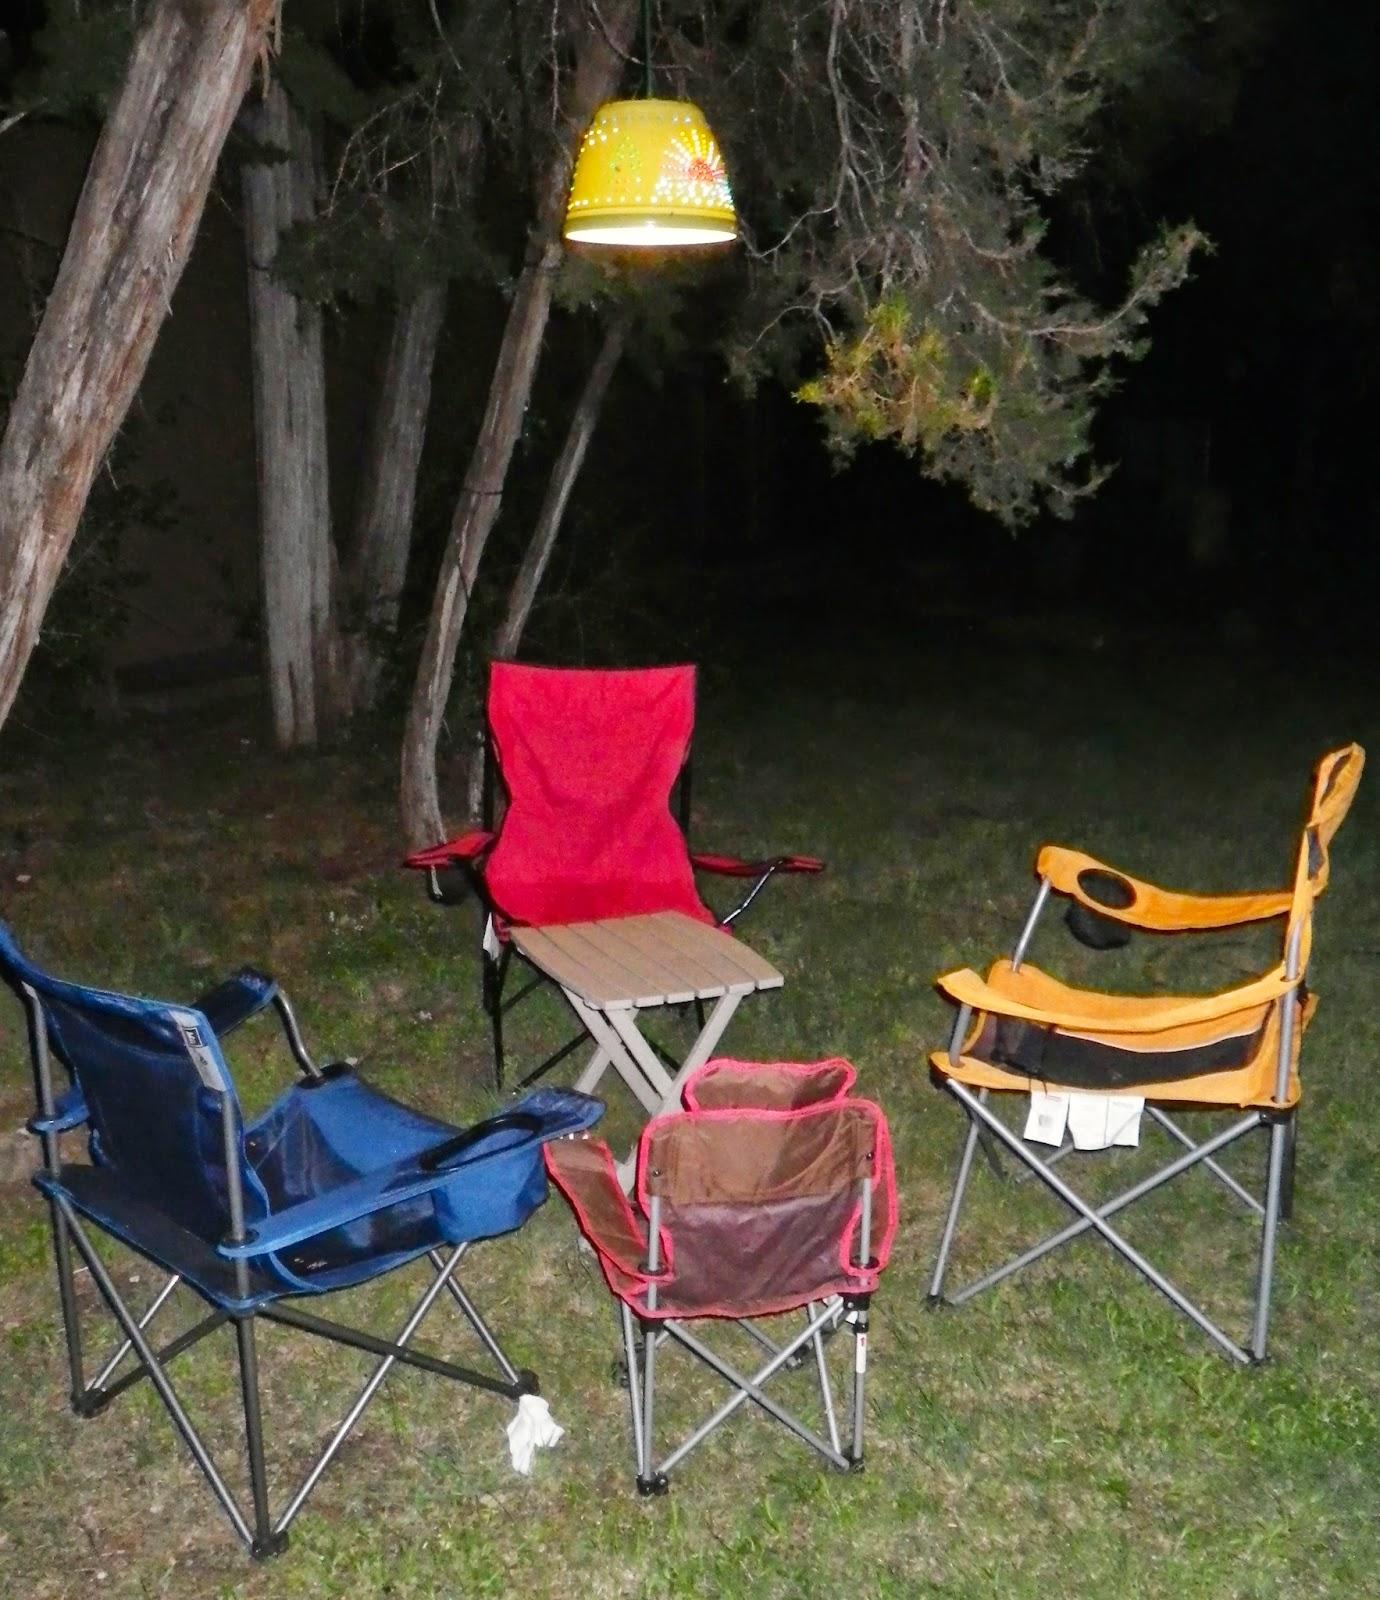 Make A Camping Lamp